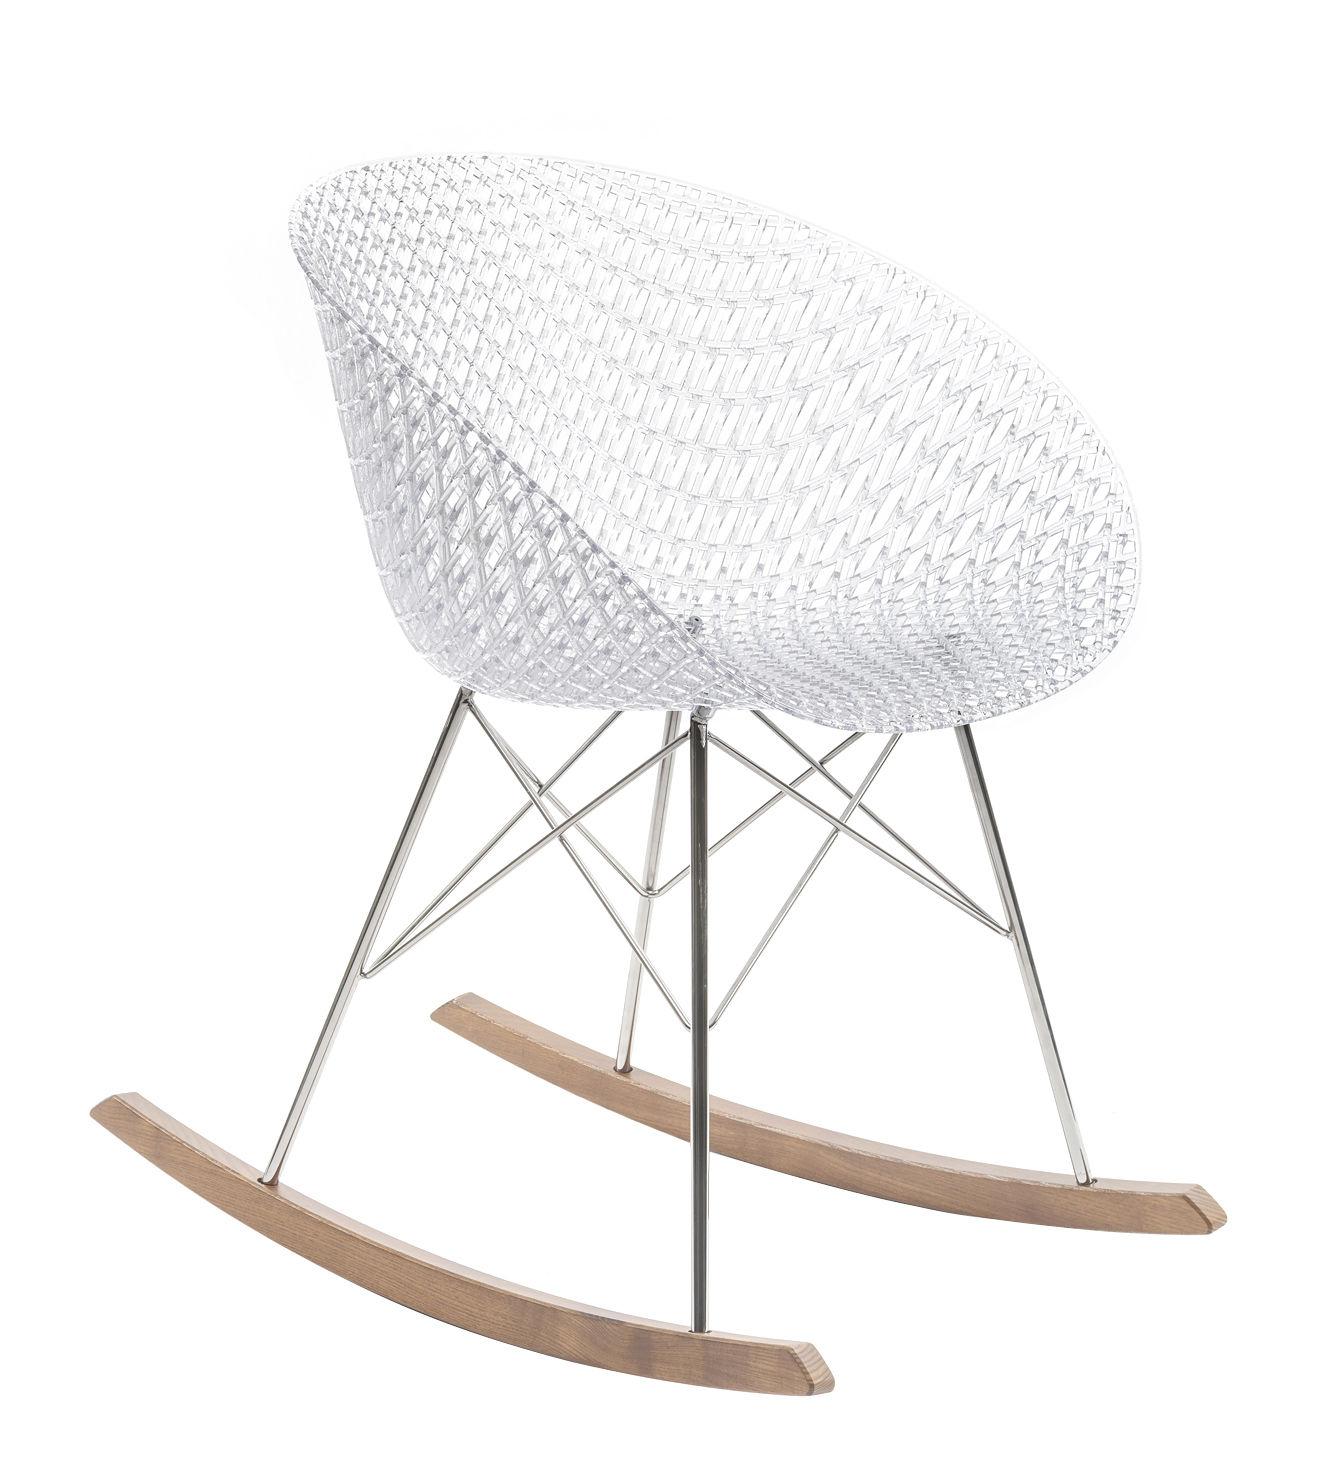 Smatrik Rocking Chair Wooden Furniture Glides Kartell